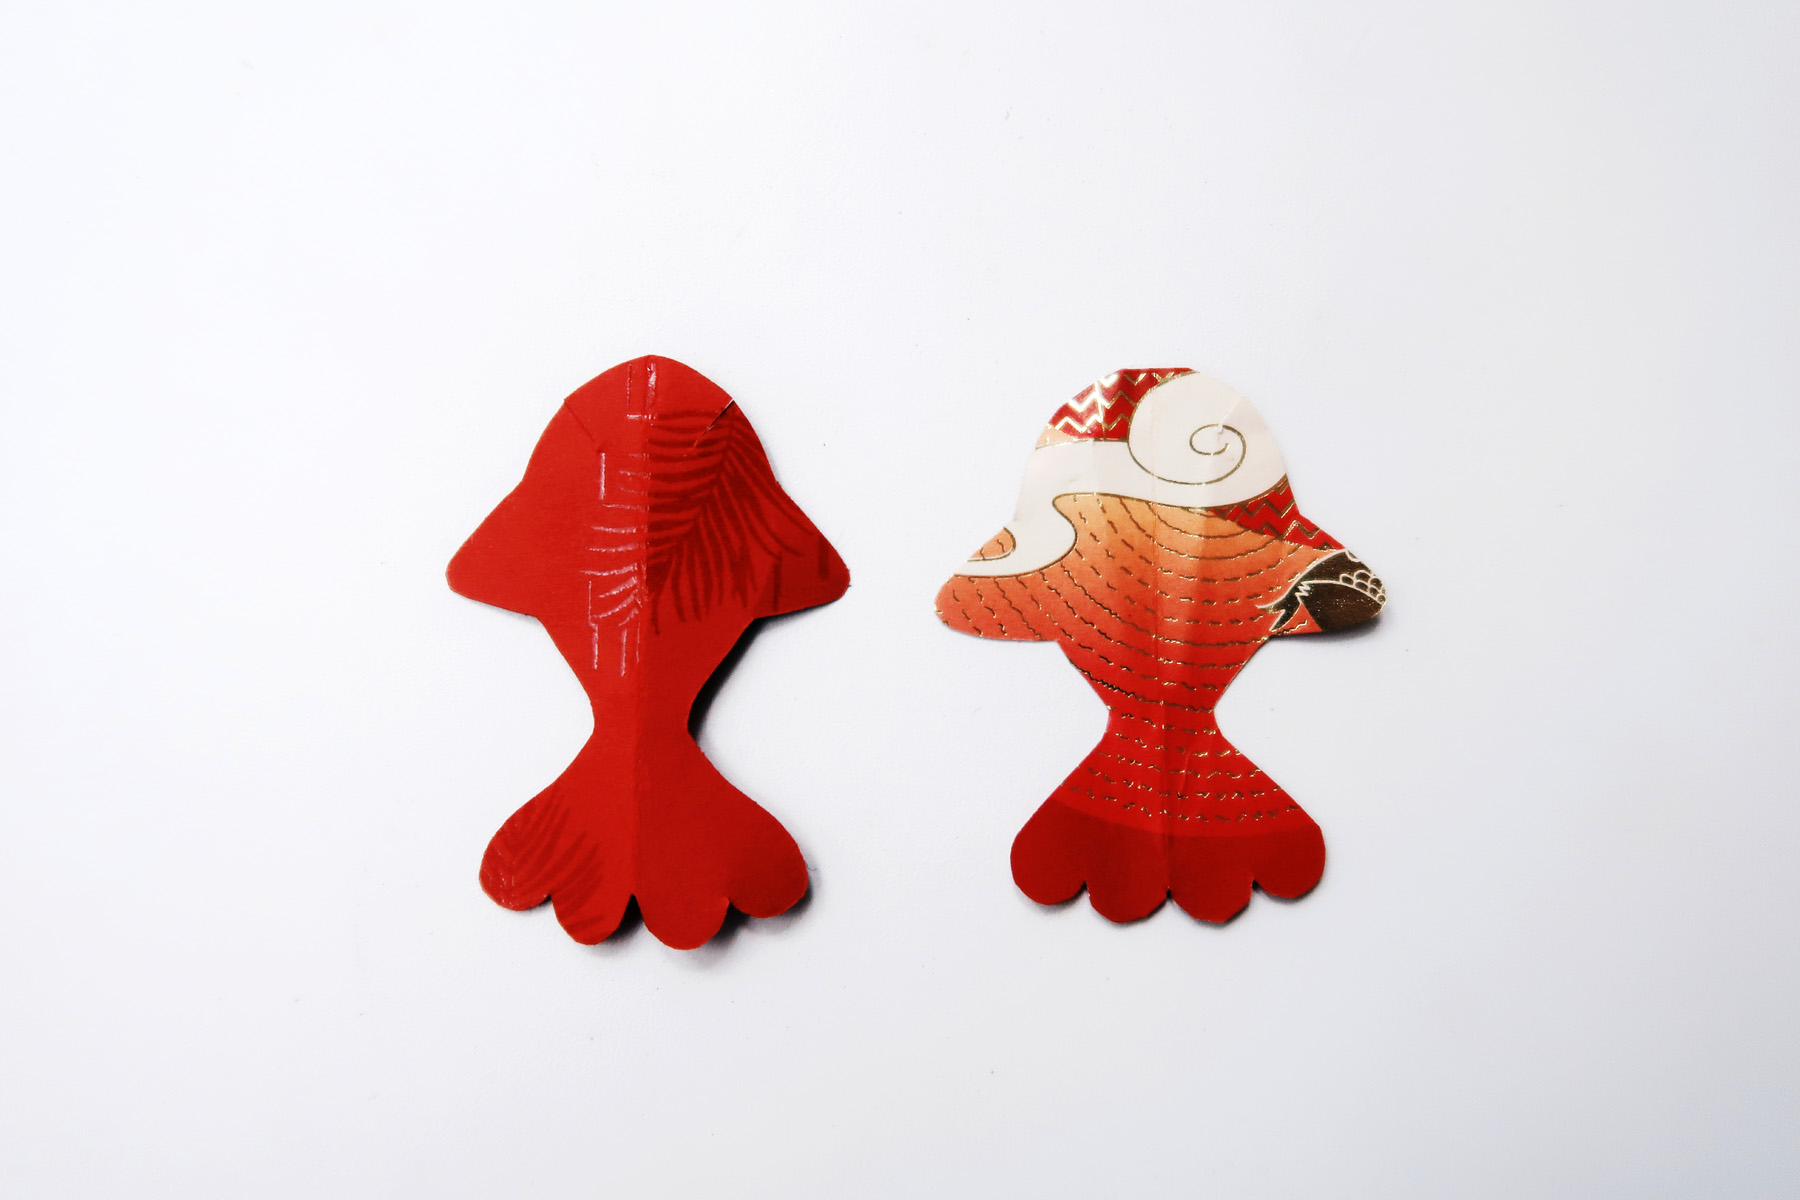 / 灰調 / DIY手作小教學:立體錦鯉紅包袋 - 剪下之雛形